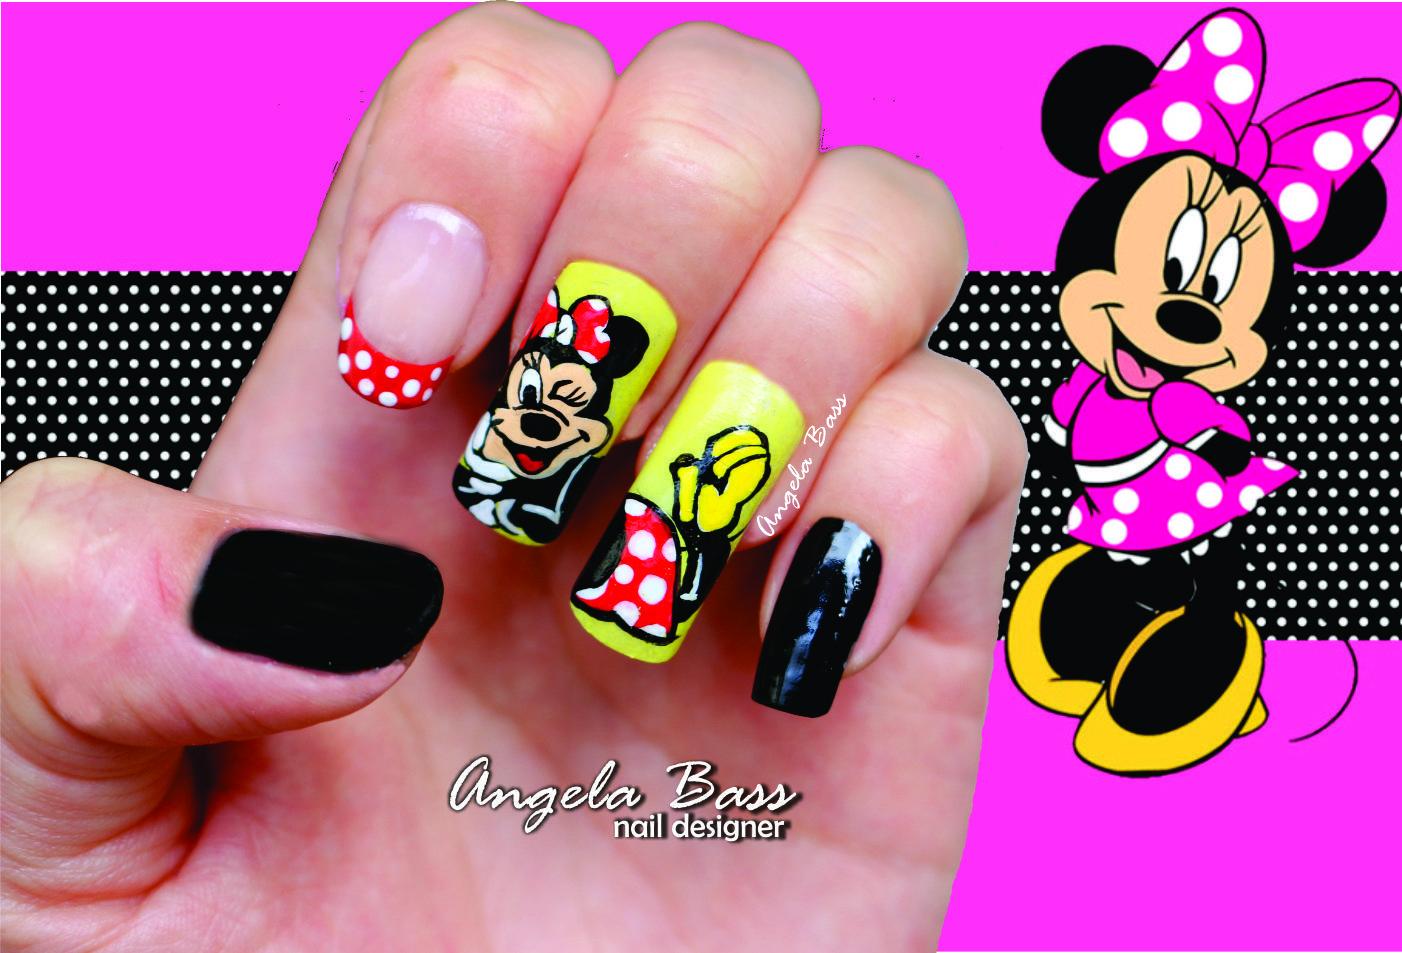 uñas minnie mouse/ minnie mouse nails   Uñas Angela Bass   Pinterest ...